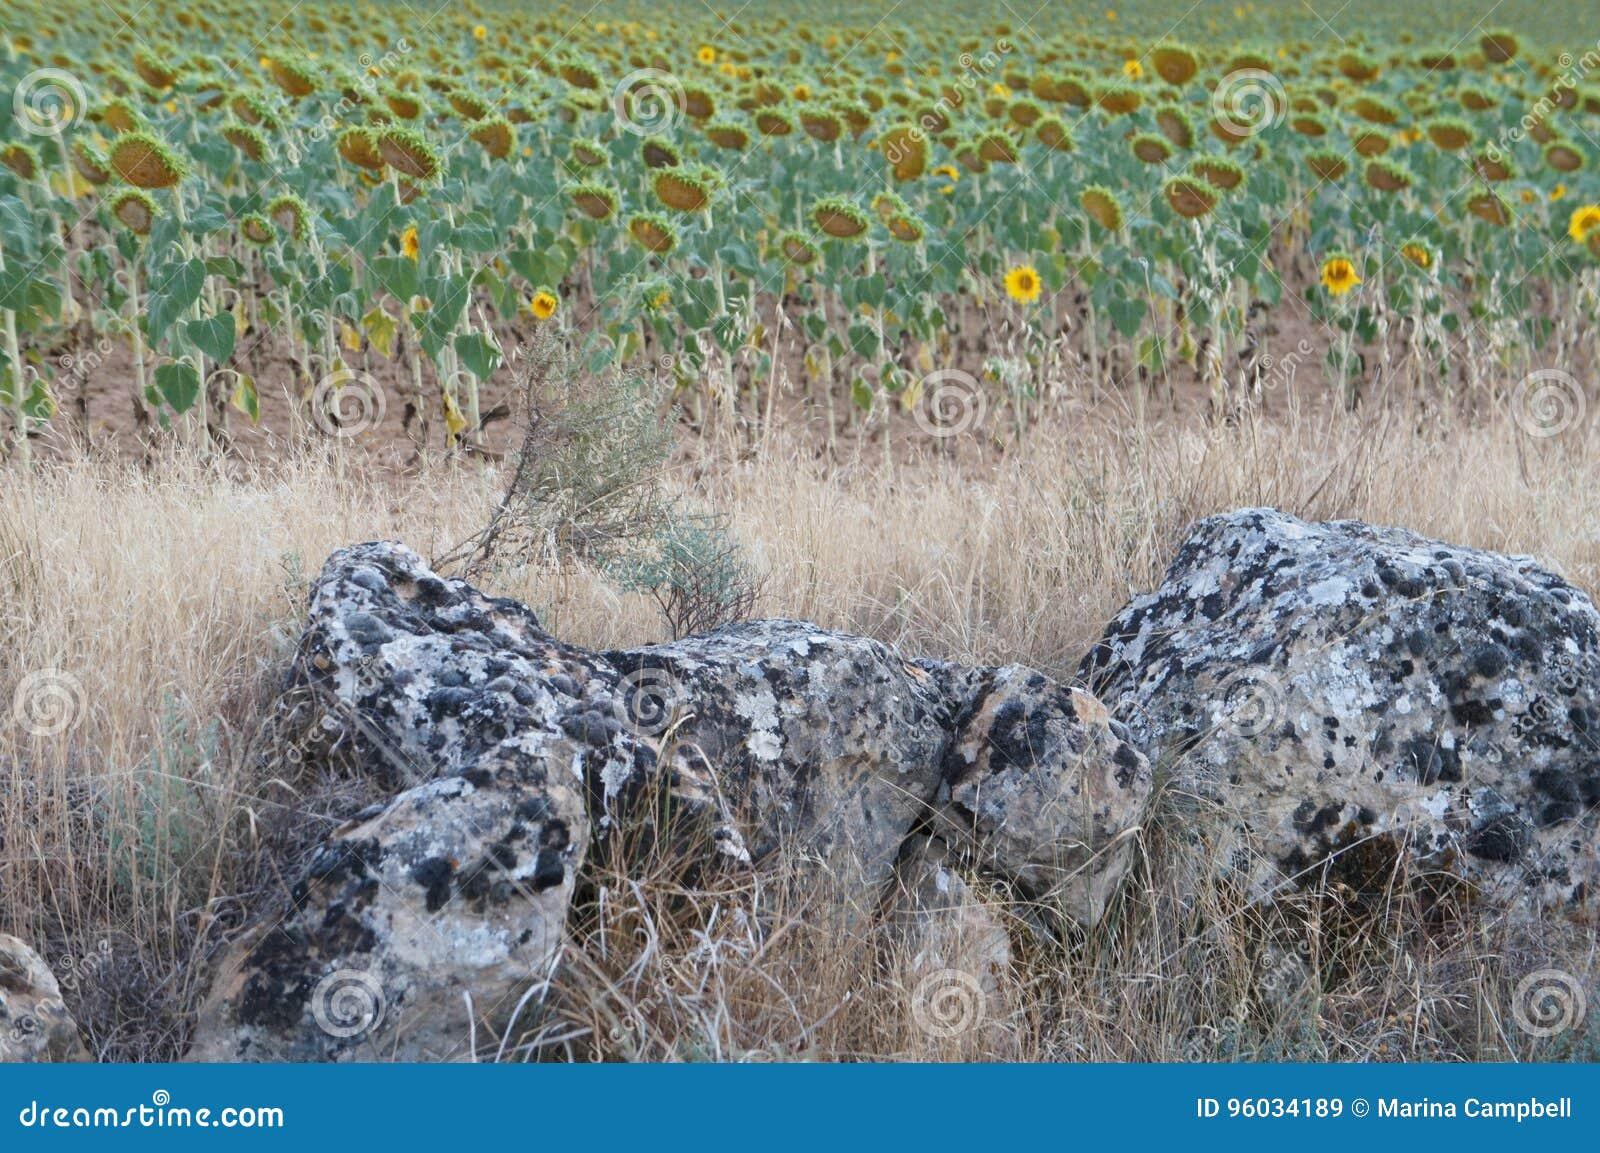 Suszy pole w Hiszpańskiej wiosce, słonecznikach i kamieniach,